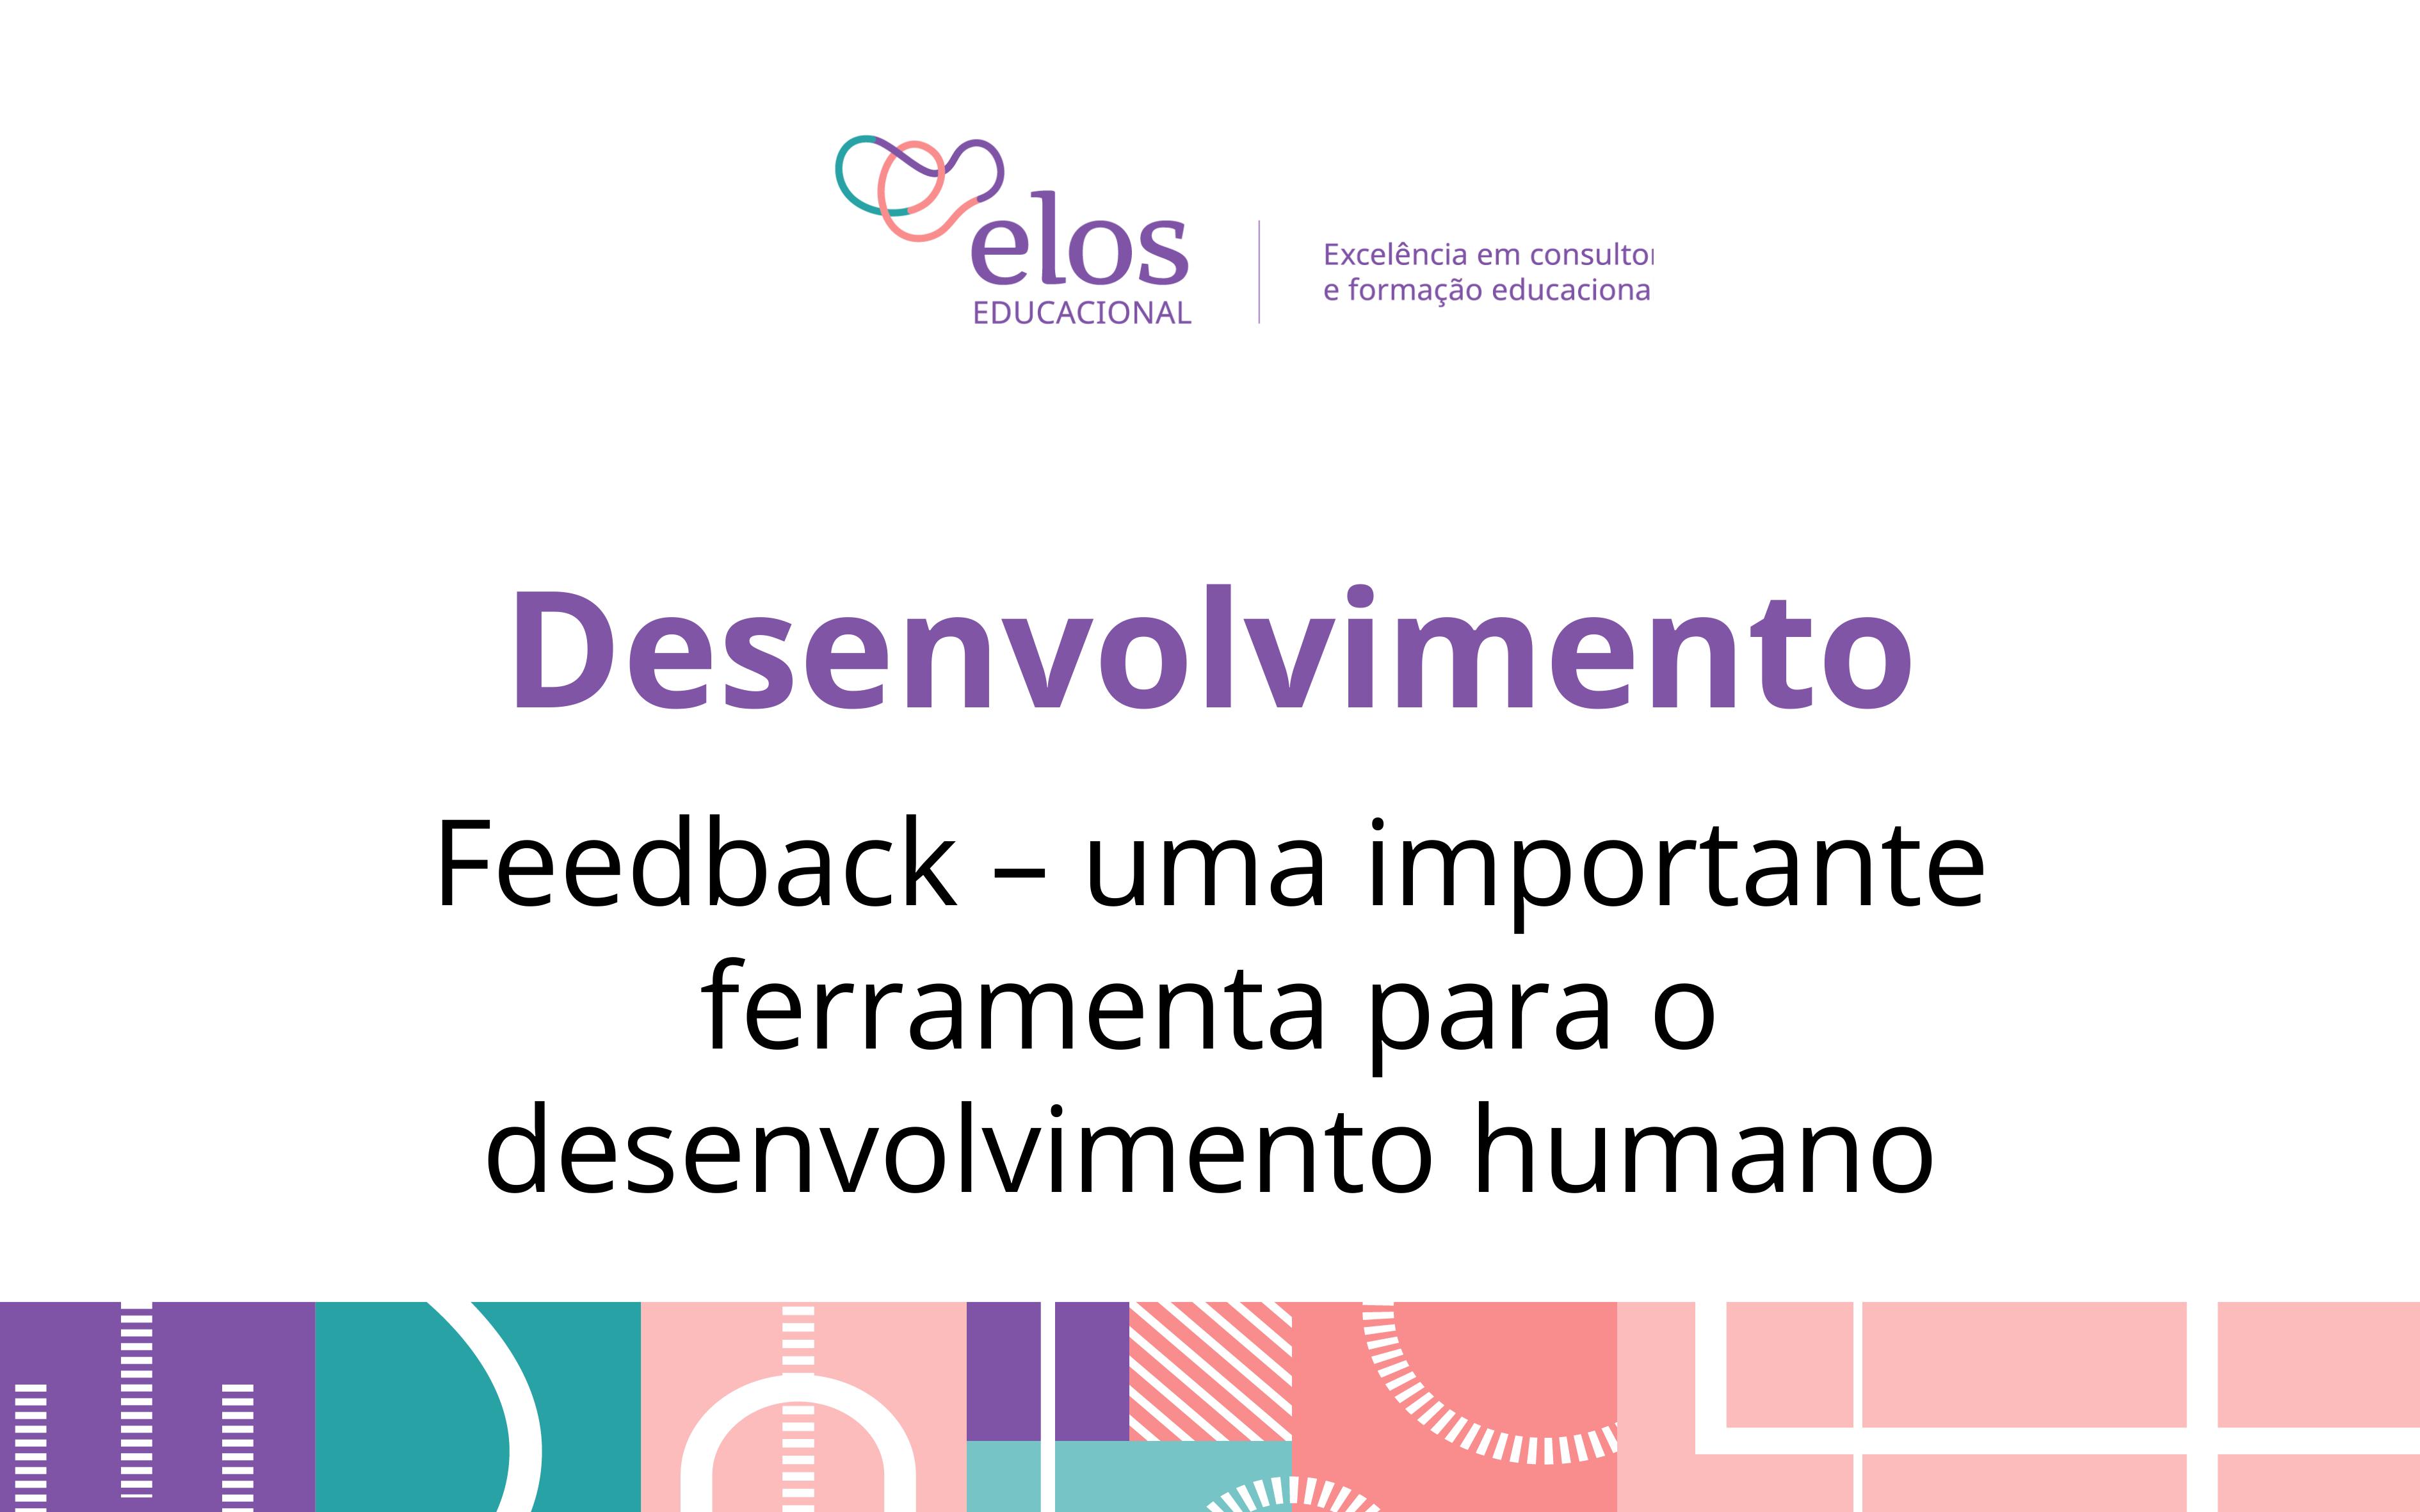 Feedback – uma importante ferramenta para o desenvolvimento humano